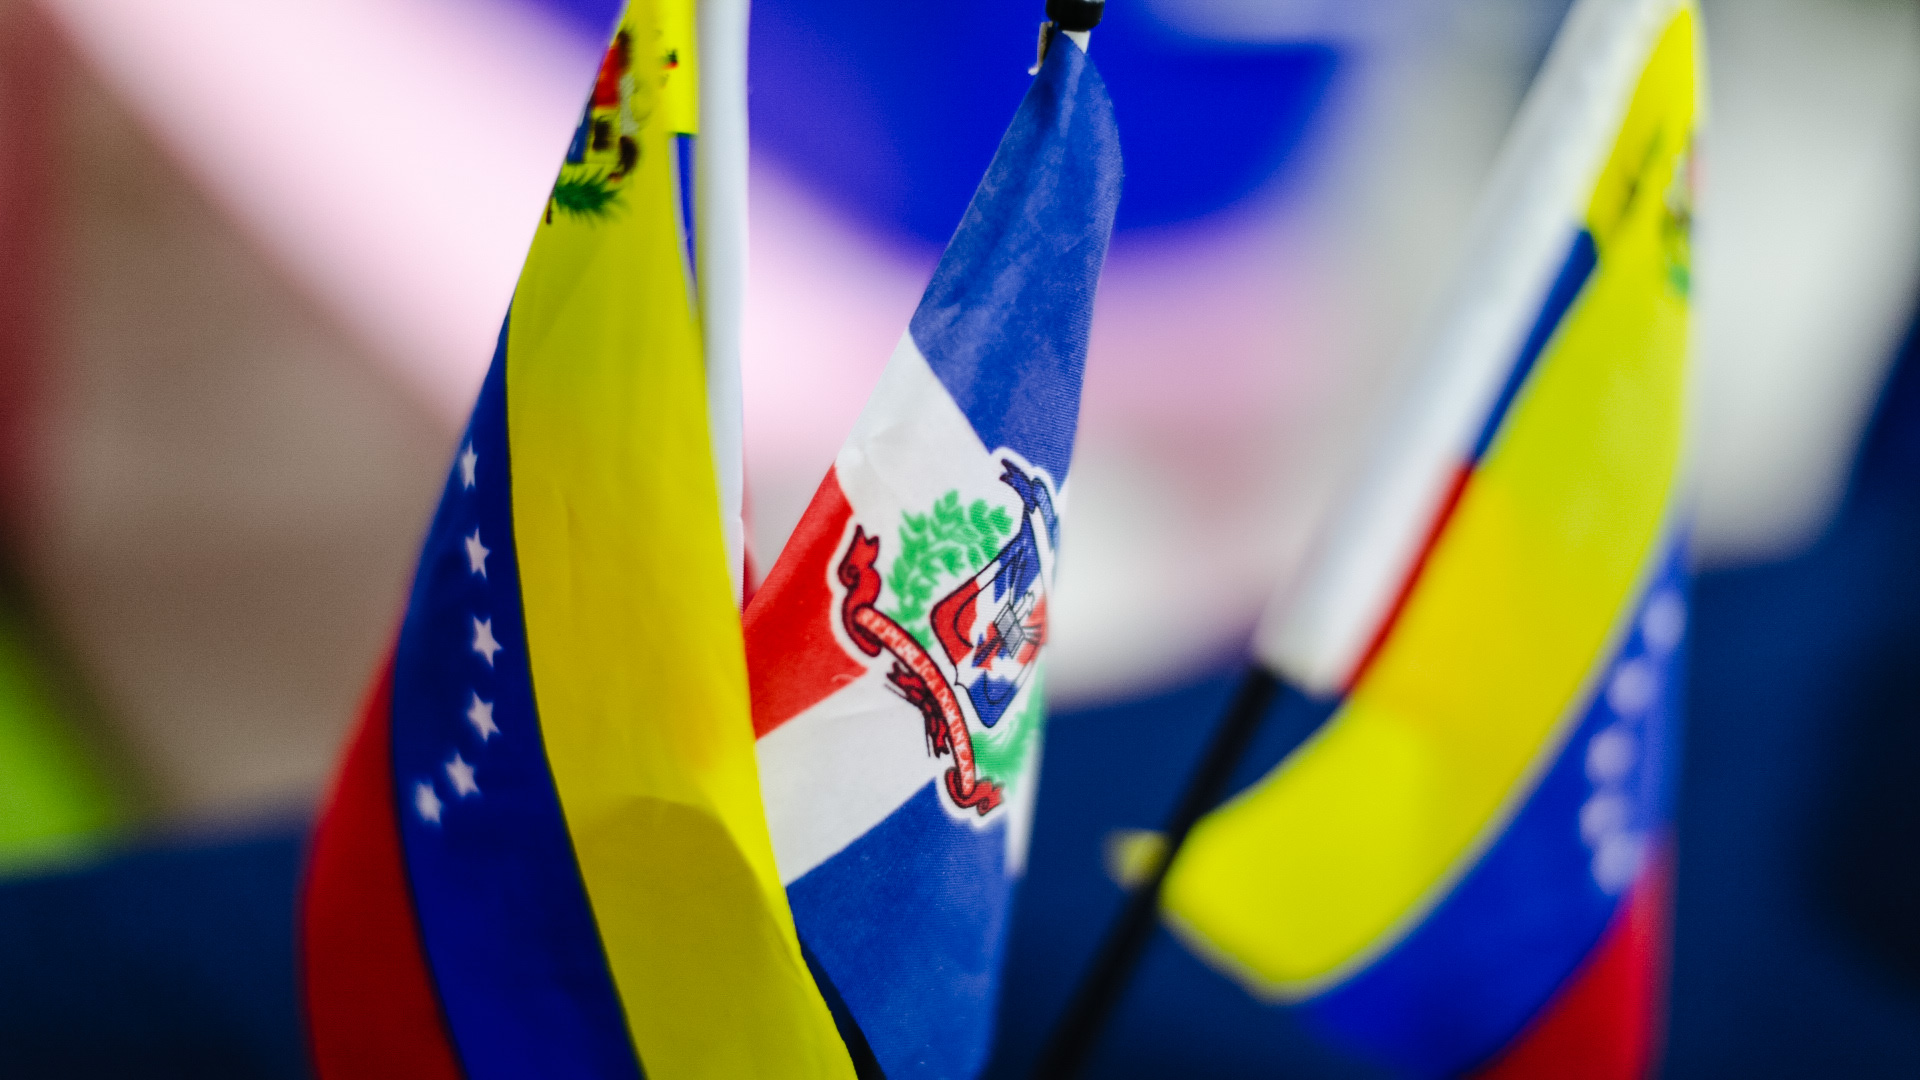 Ventanillas de orientación gratuita asistirán a venezolanos en el Plan de normalización migratoria